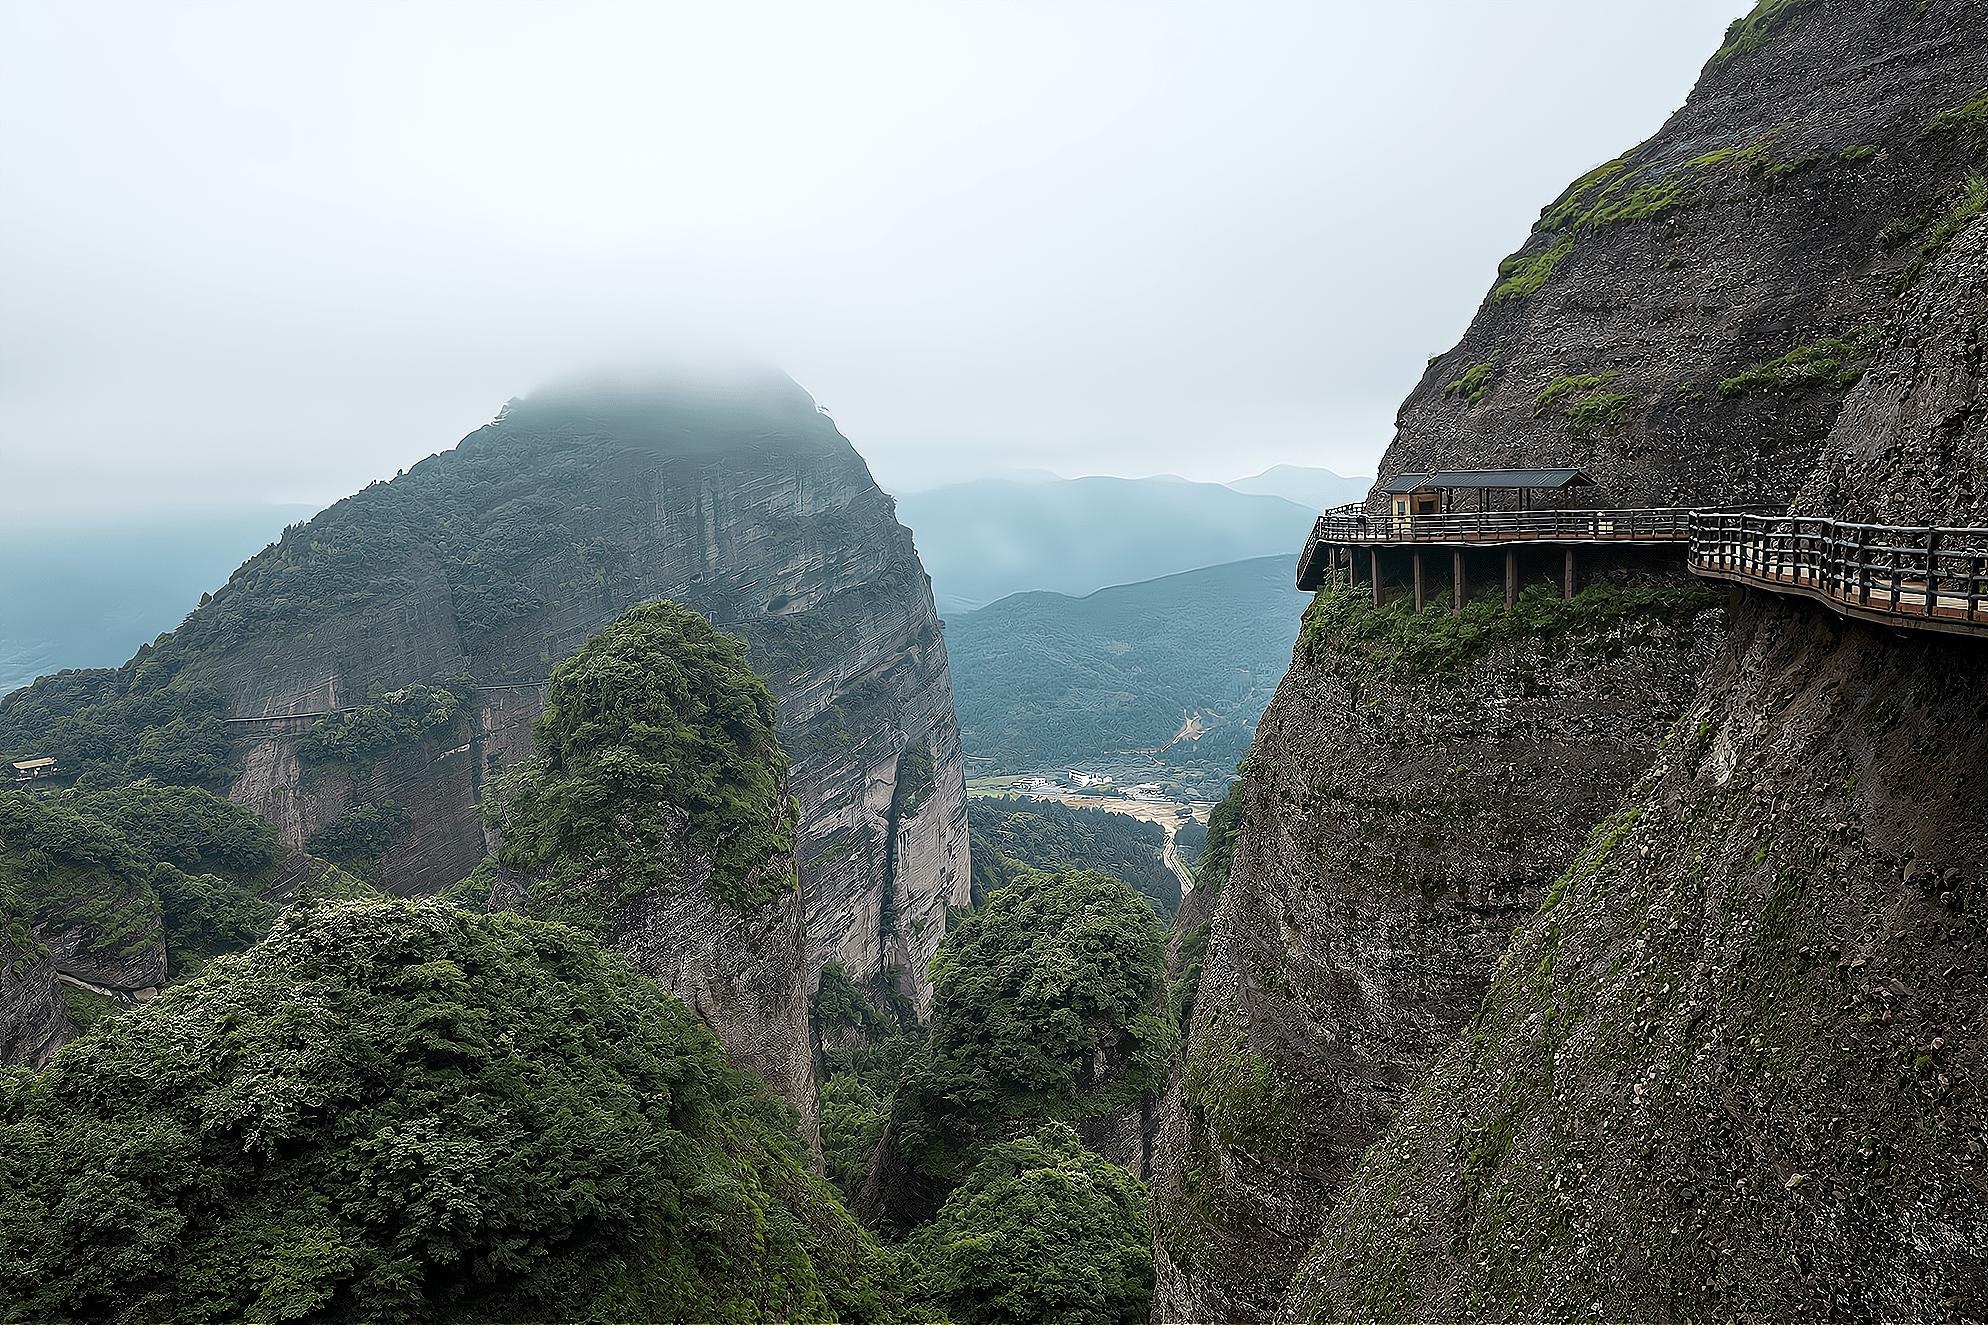 赣州旅游去哪里?这3个景点非常值得一去,景美人少文化底蕴深厚